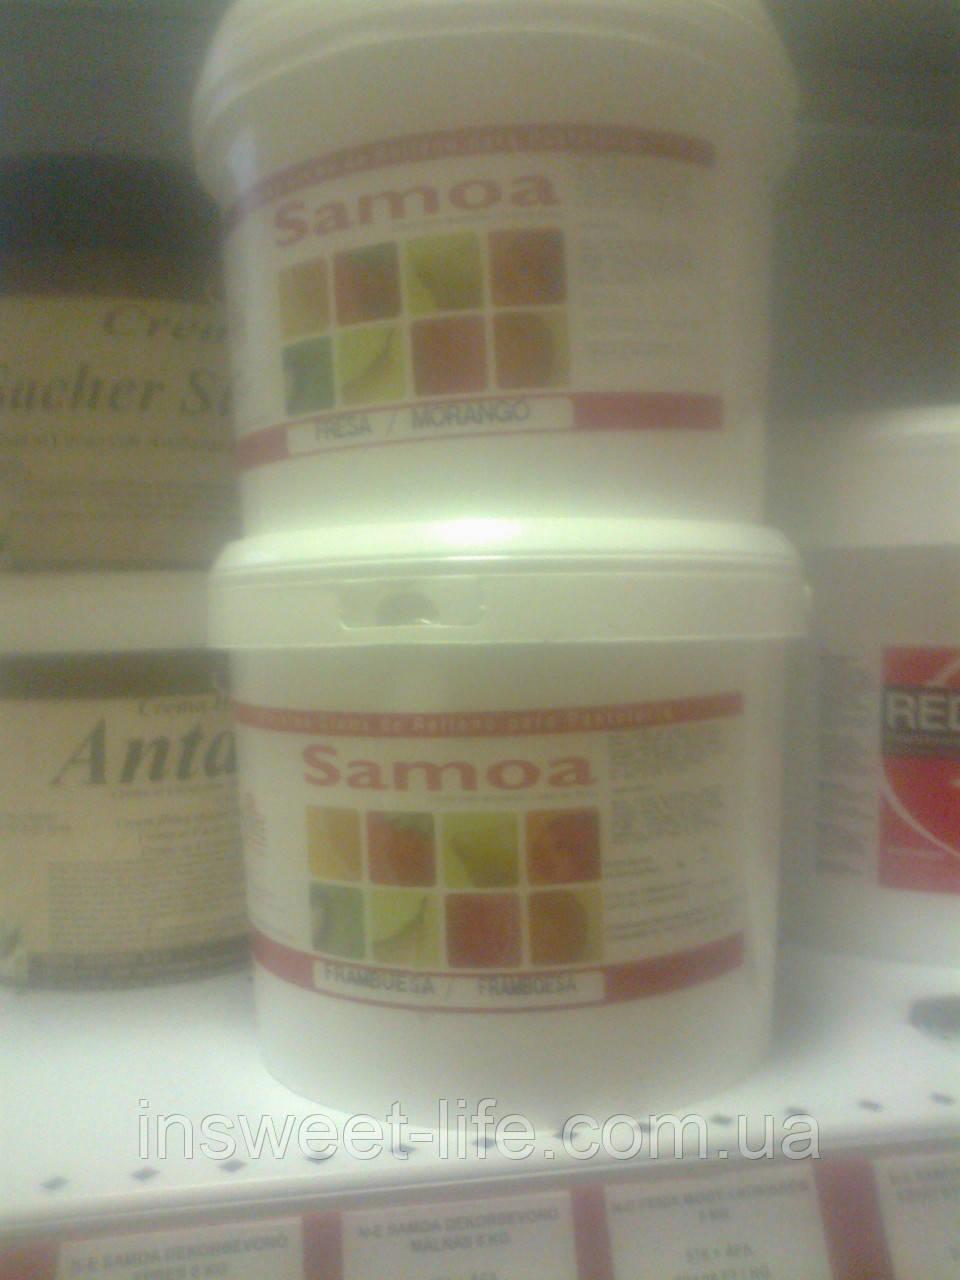 Кондитерский гель малина  N-E Samoa 6кг/упаковка